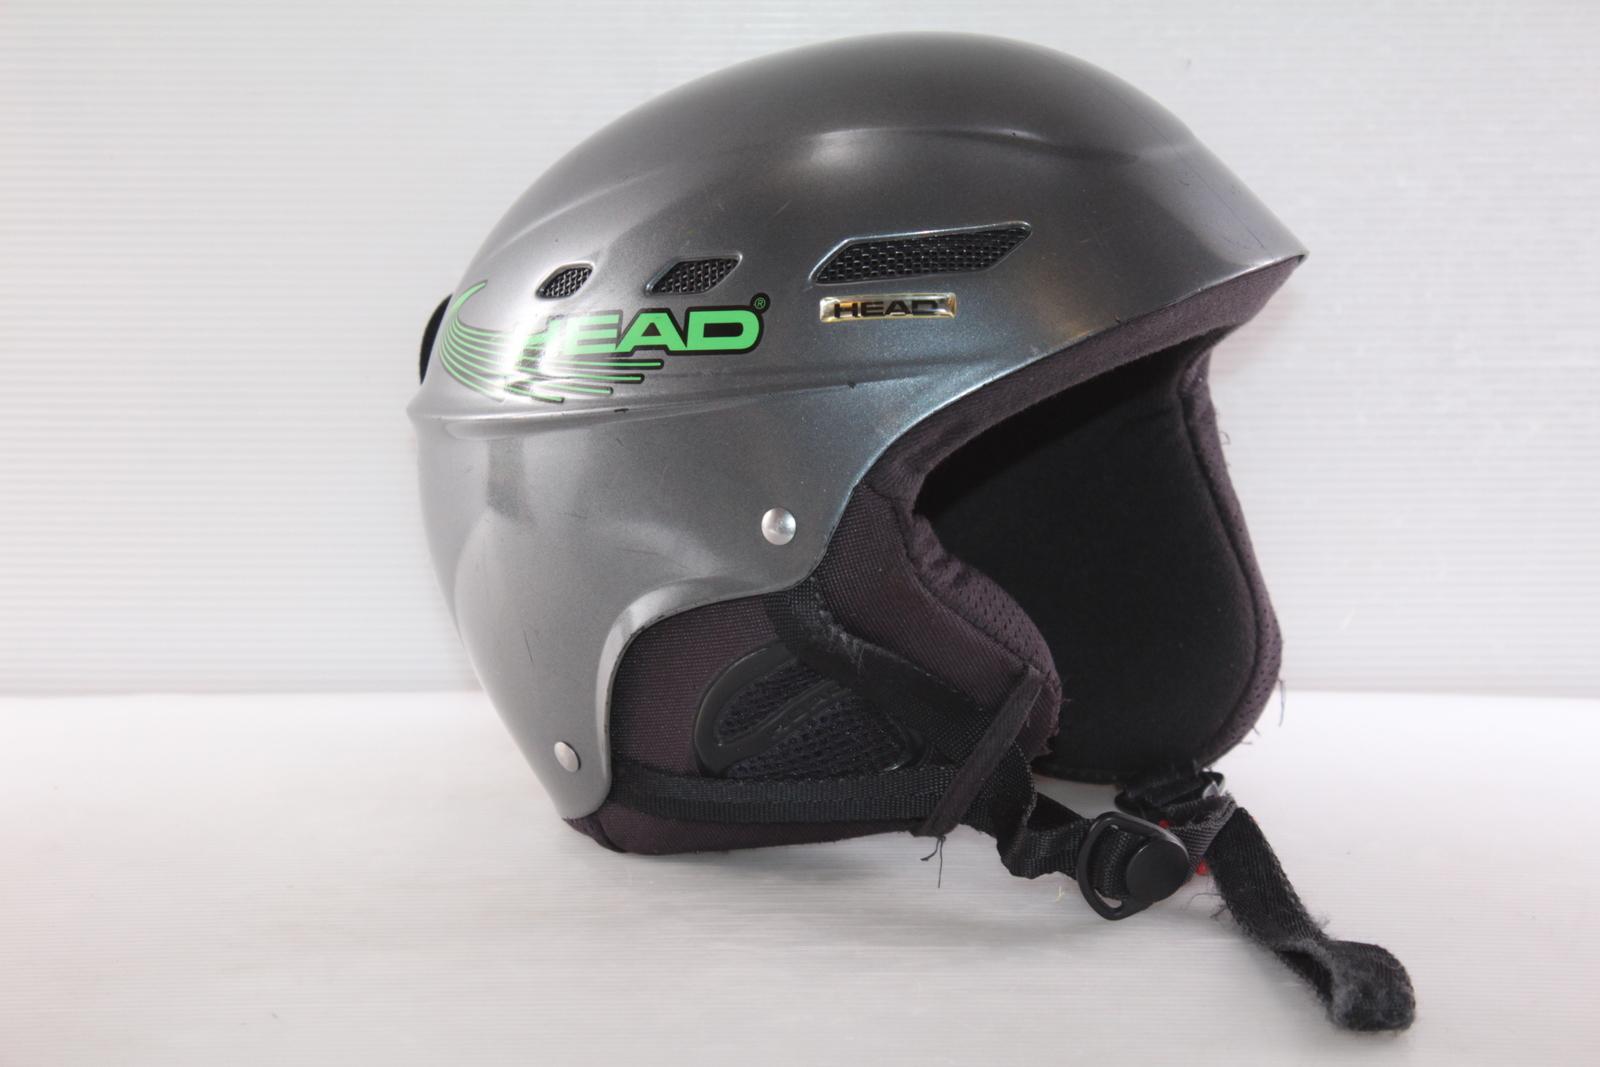 Dětská lyžařská helma Head Rental SR vel. 54